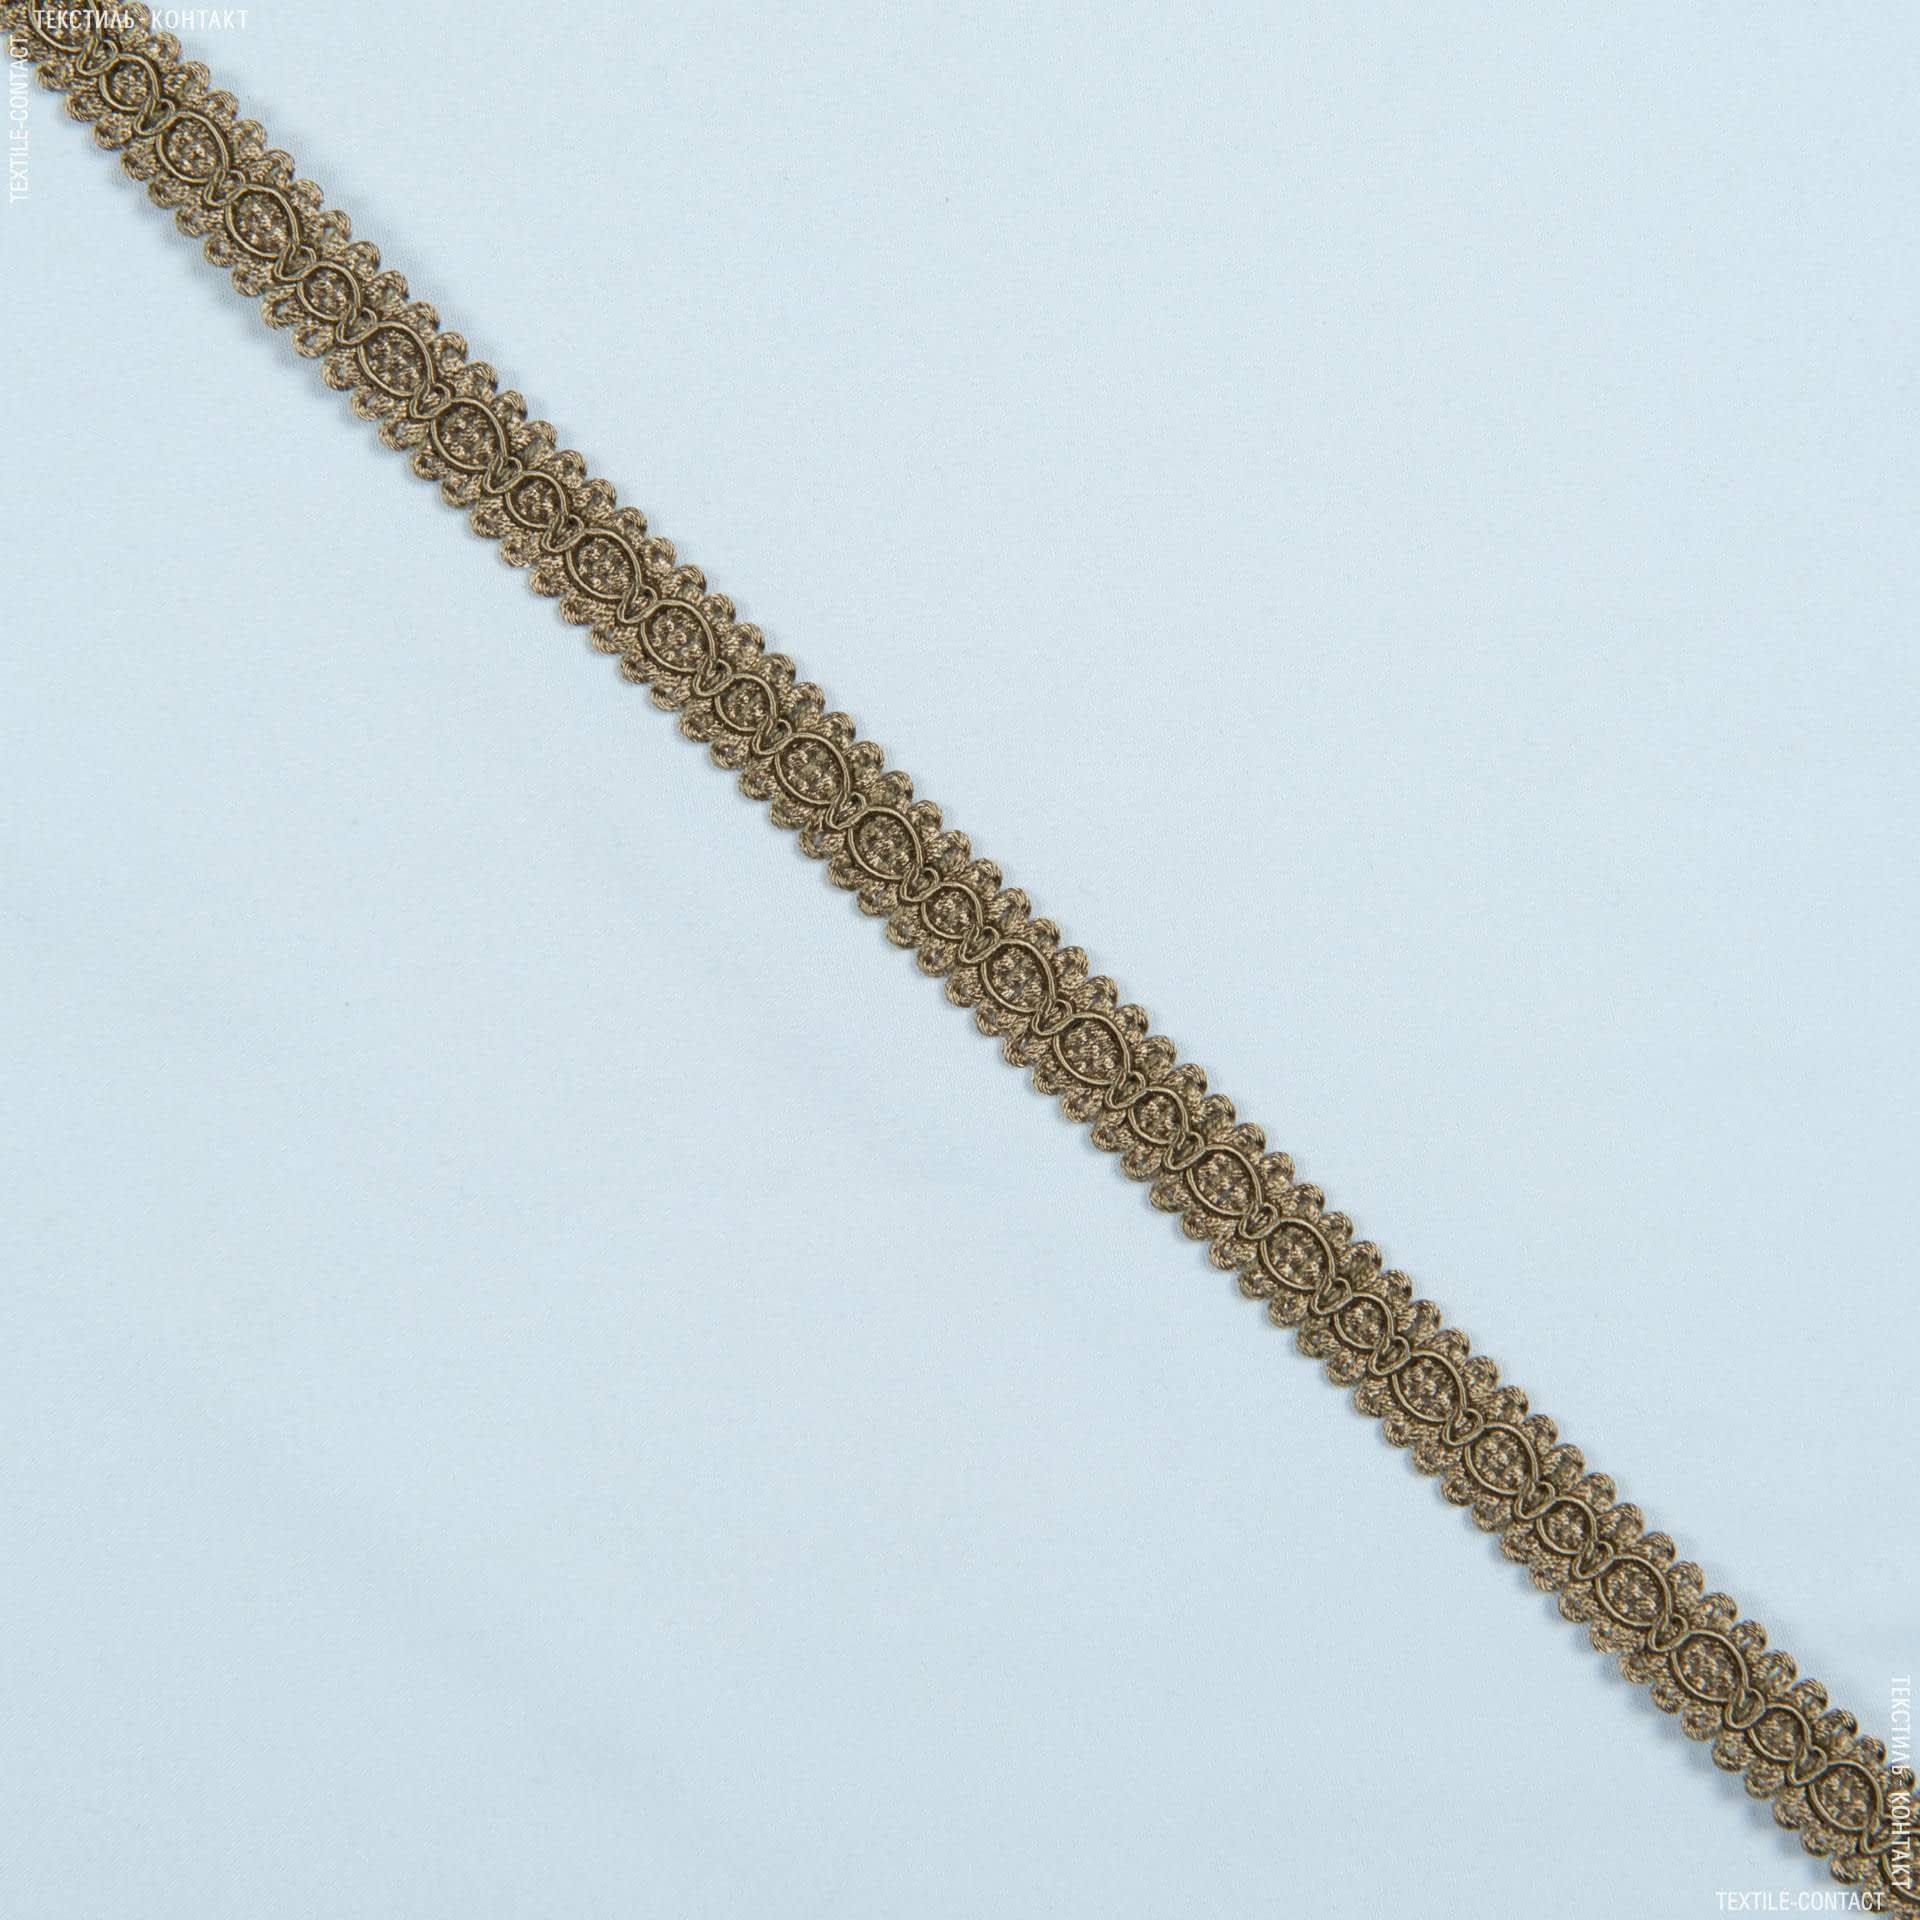 Ткани фурнитура для дома - Тесьма окант. Солар, кофе с молоком 1.3см